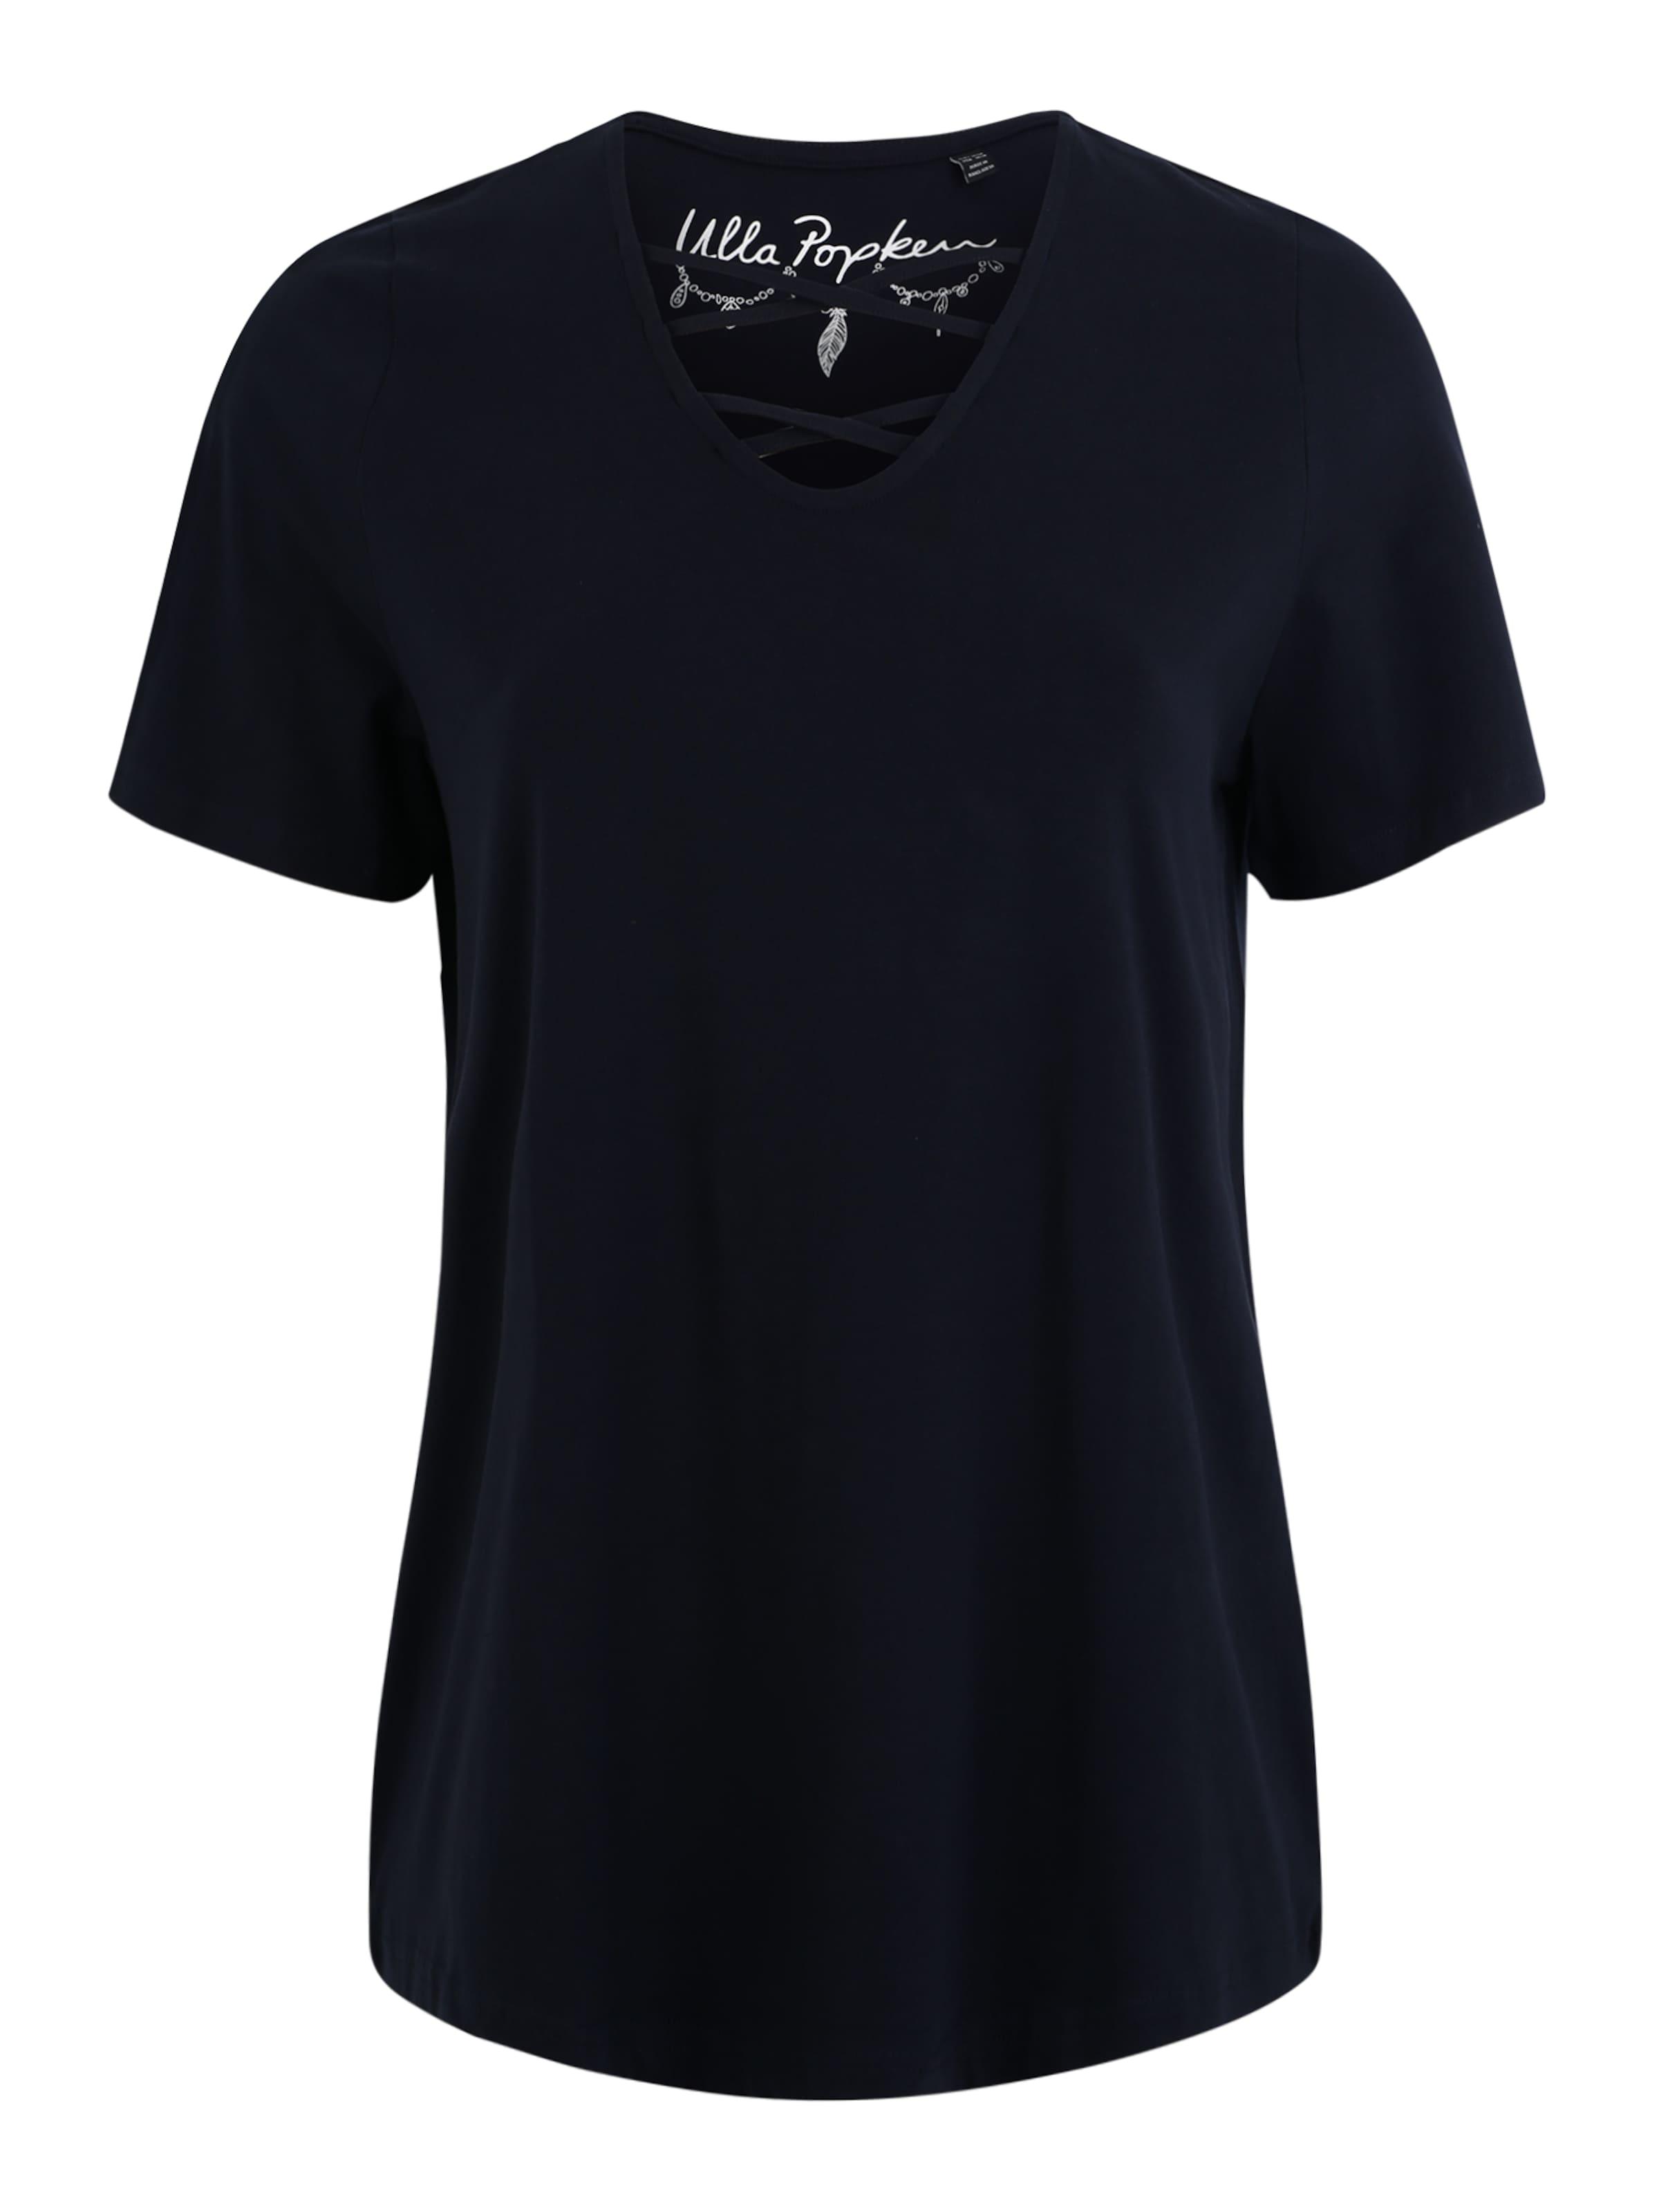 Bleu En shirt Popken Foncé T Ulla jA54q3LR